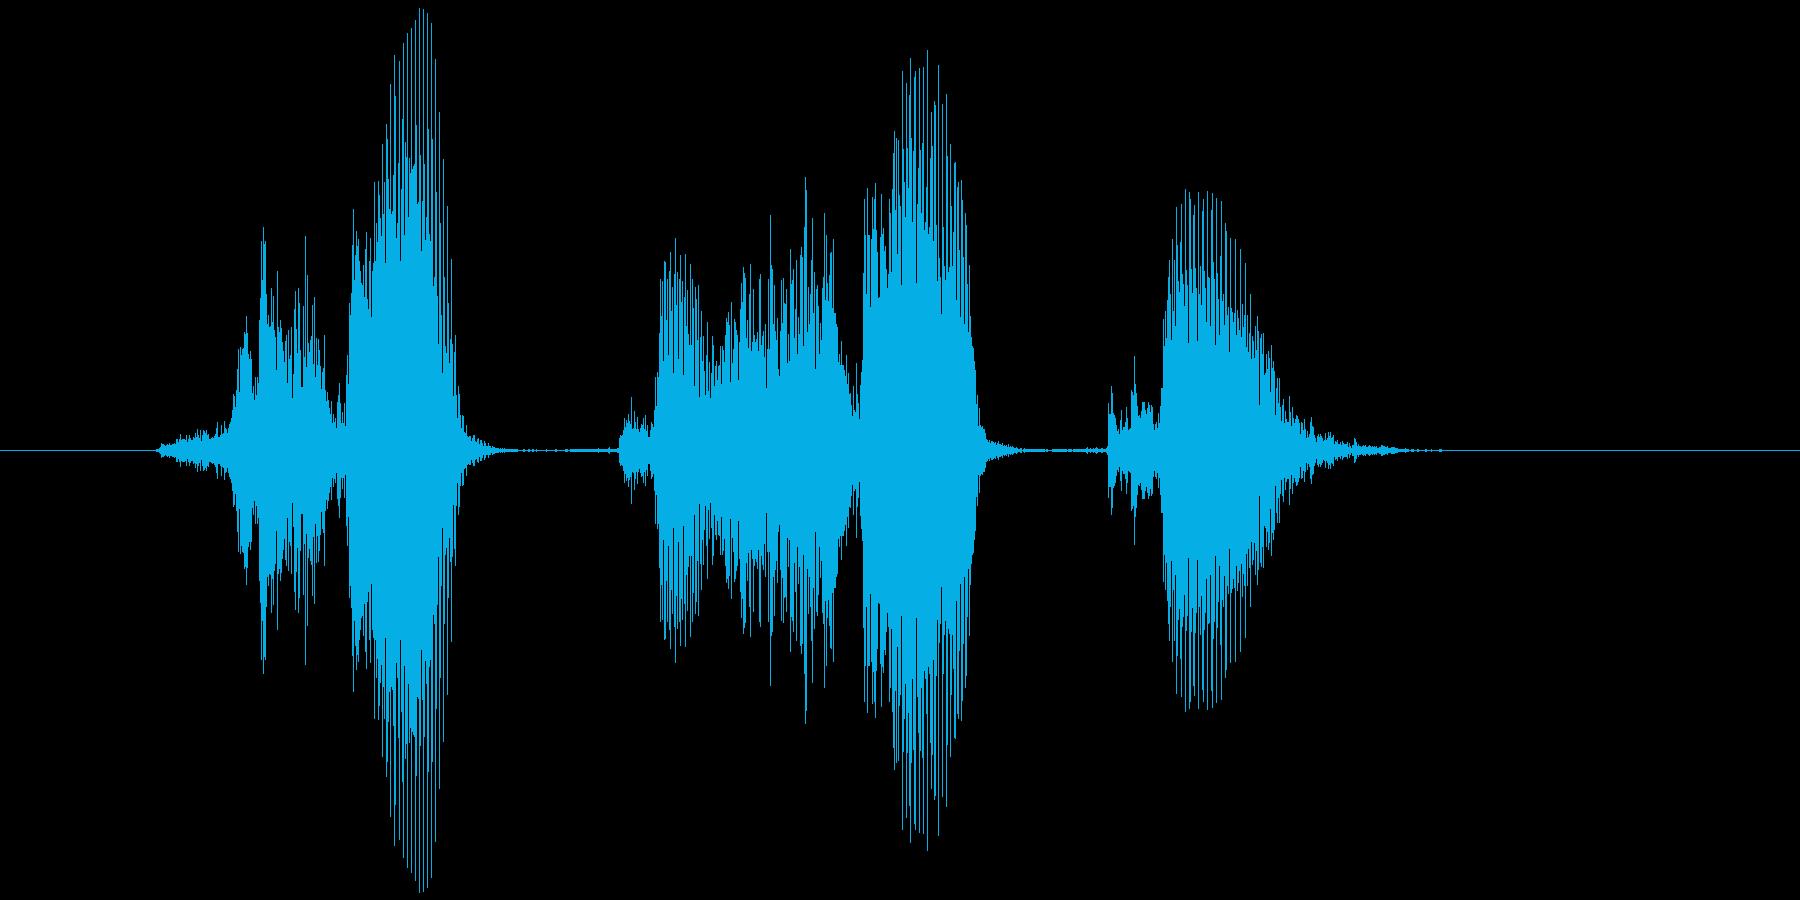 「サクサク」の再生済みの波形